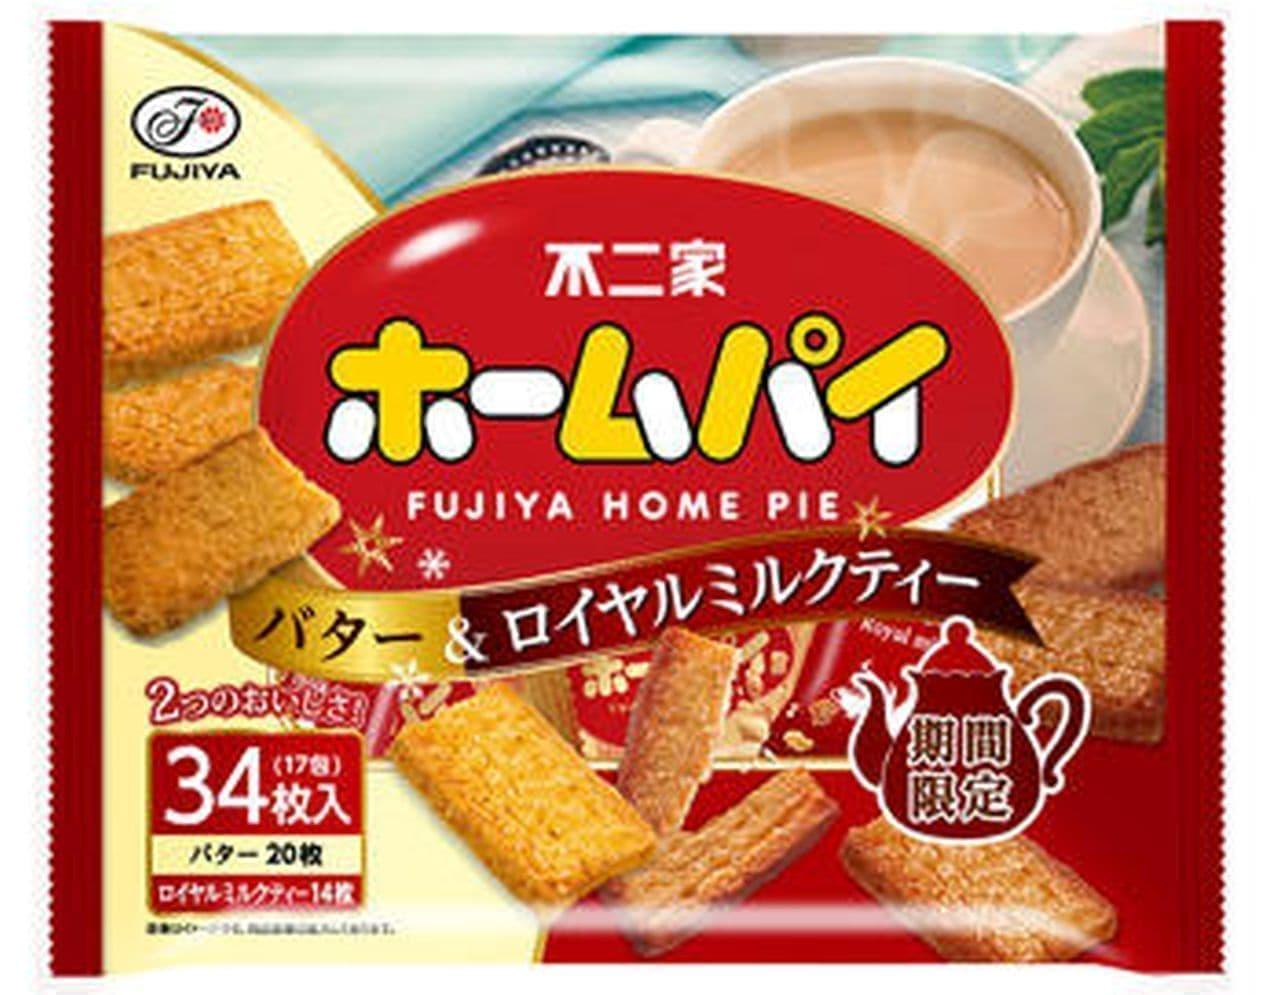 不二家「34枚ホームパイ(バター&ロイヤルミルクティー)」